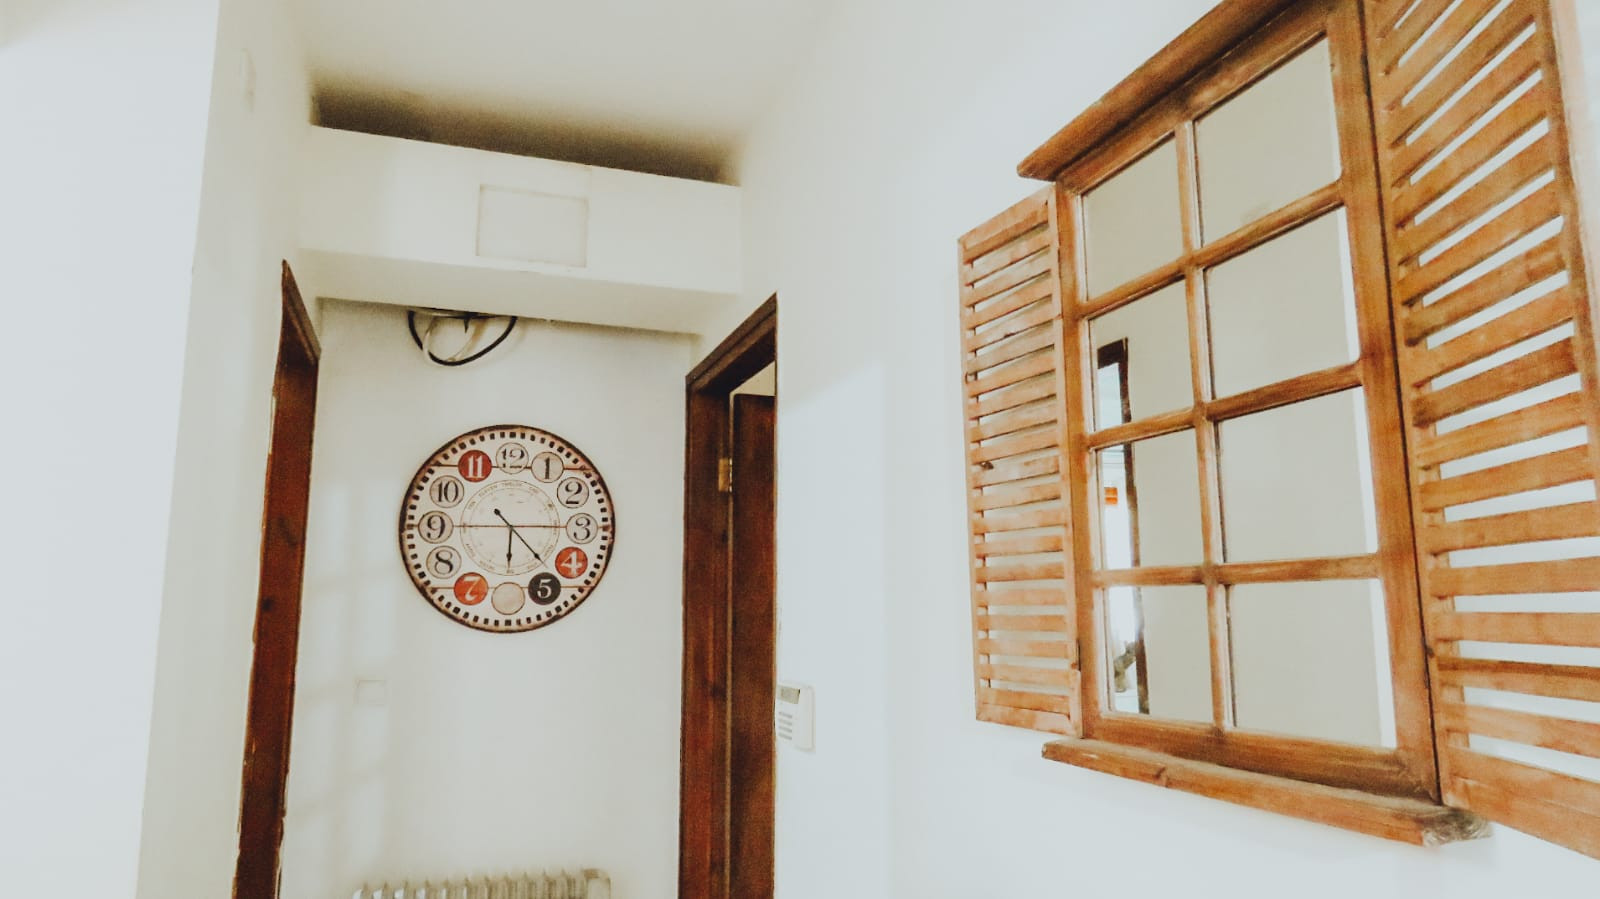 בית למכירה בחרוצים- המסדרון